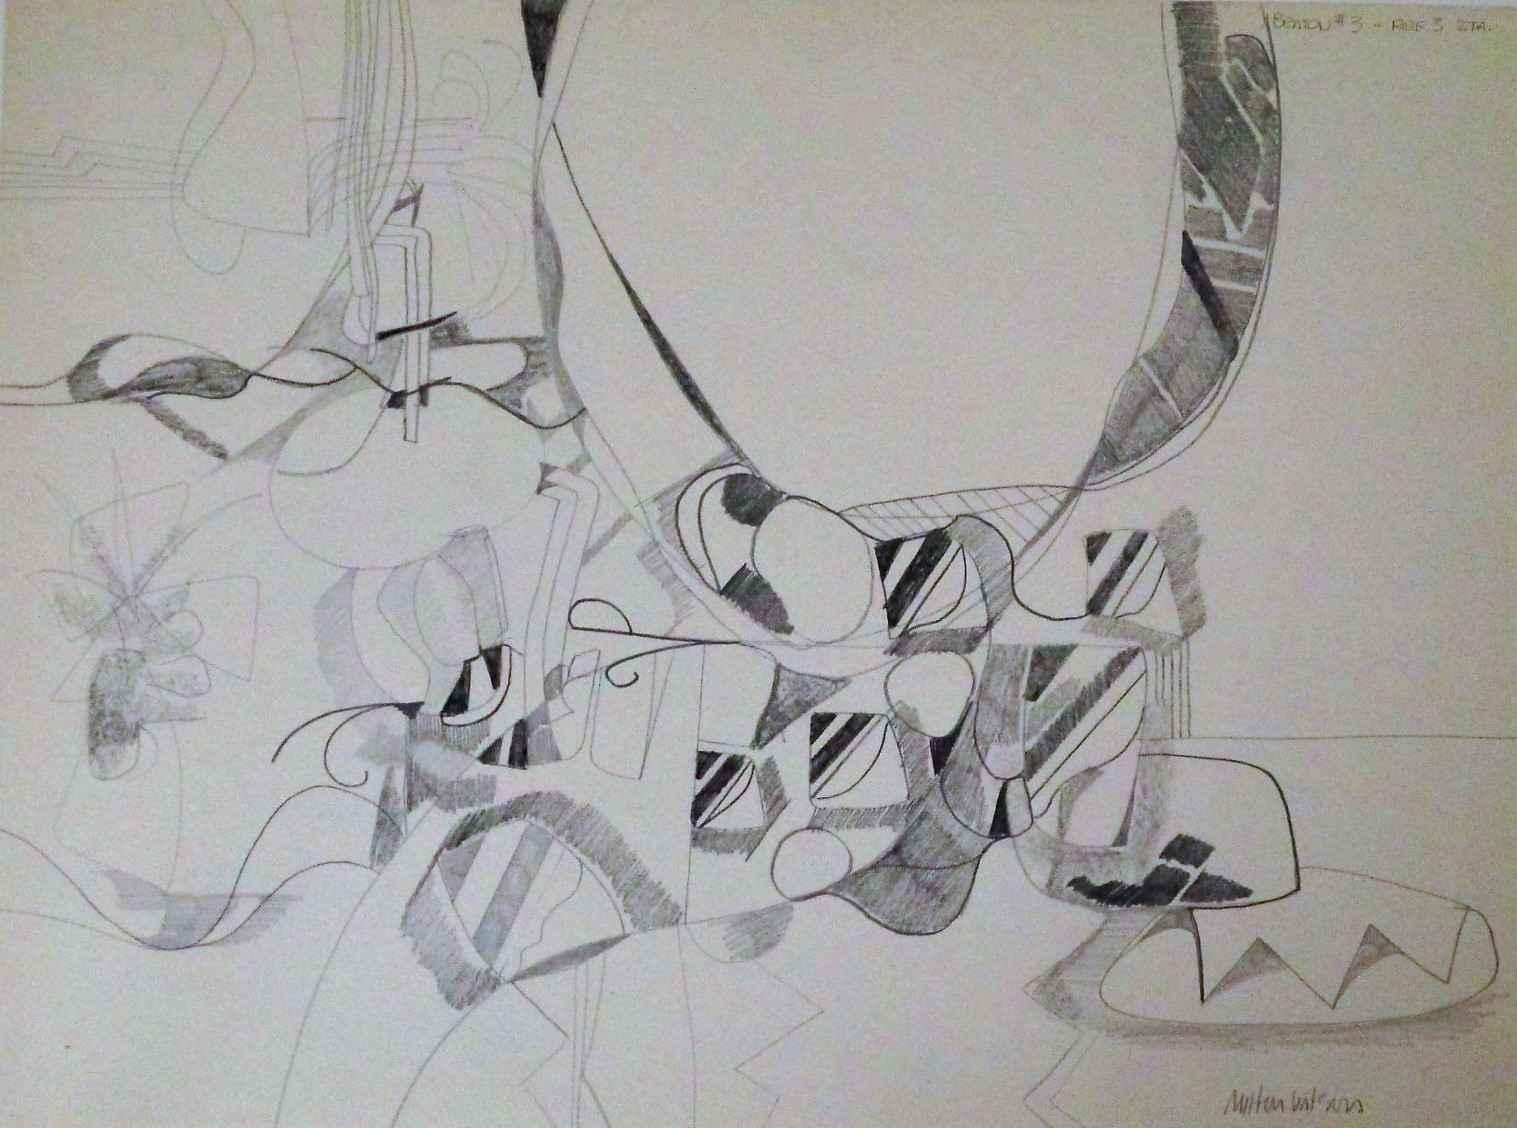 Untitled (Benton #3-R... by  Milton Wilson - Masterpiece Online